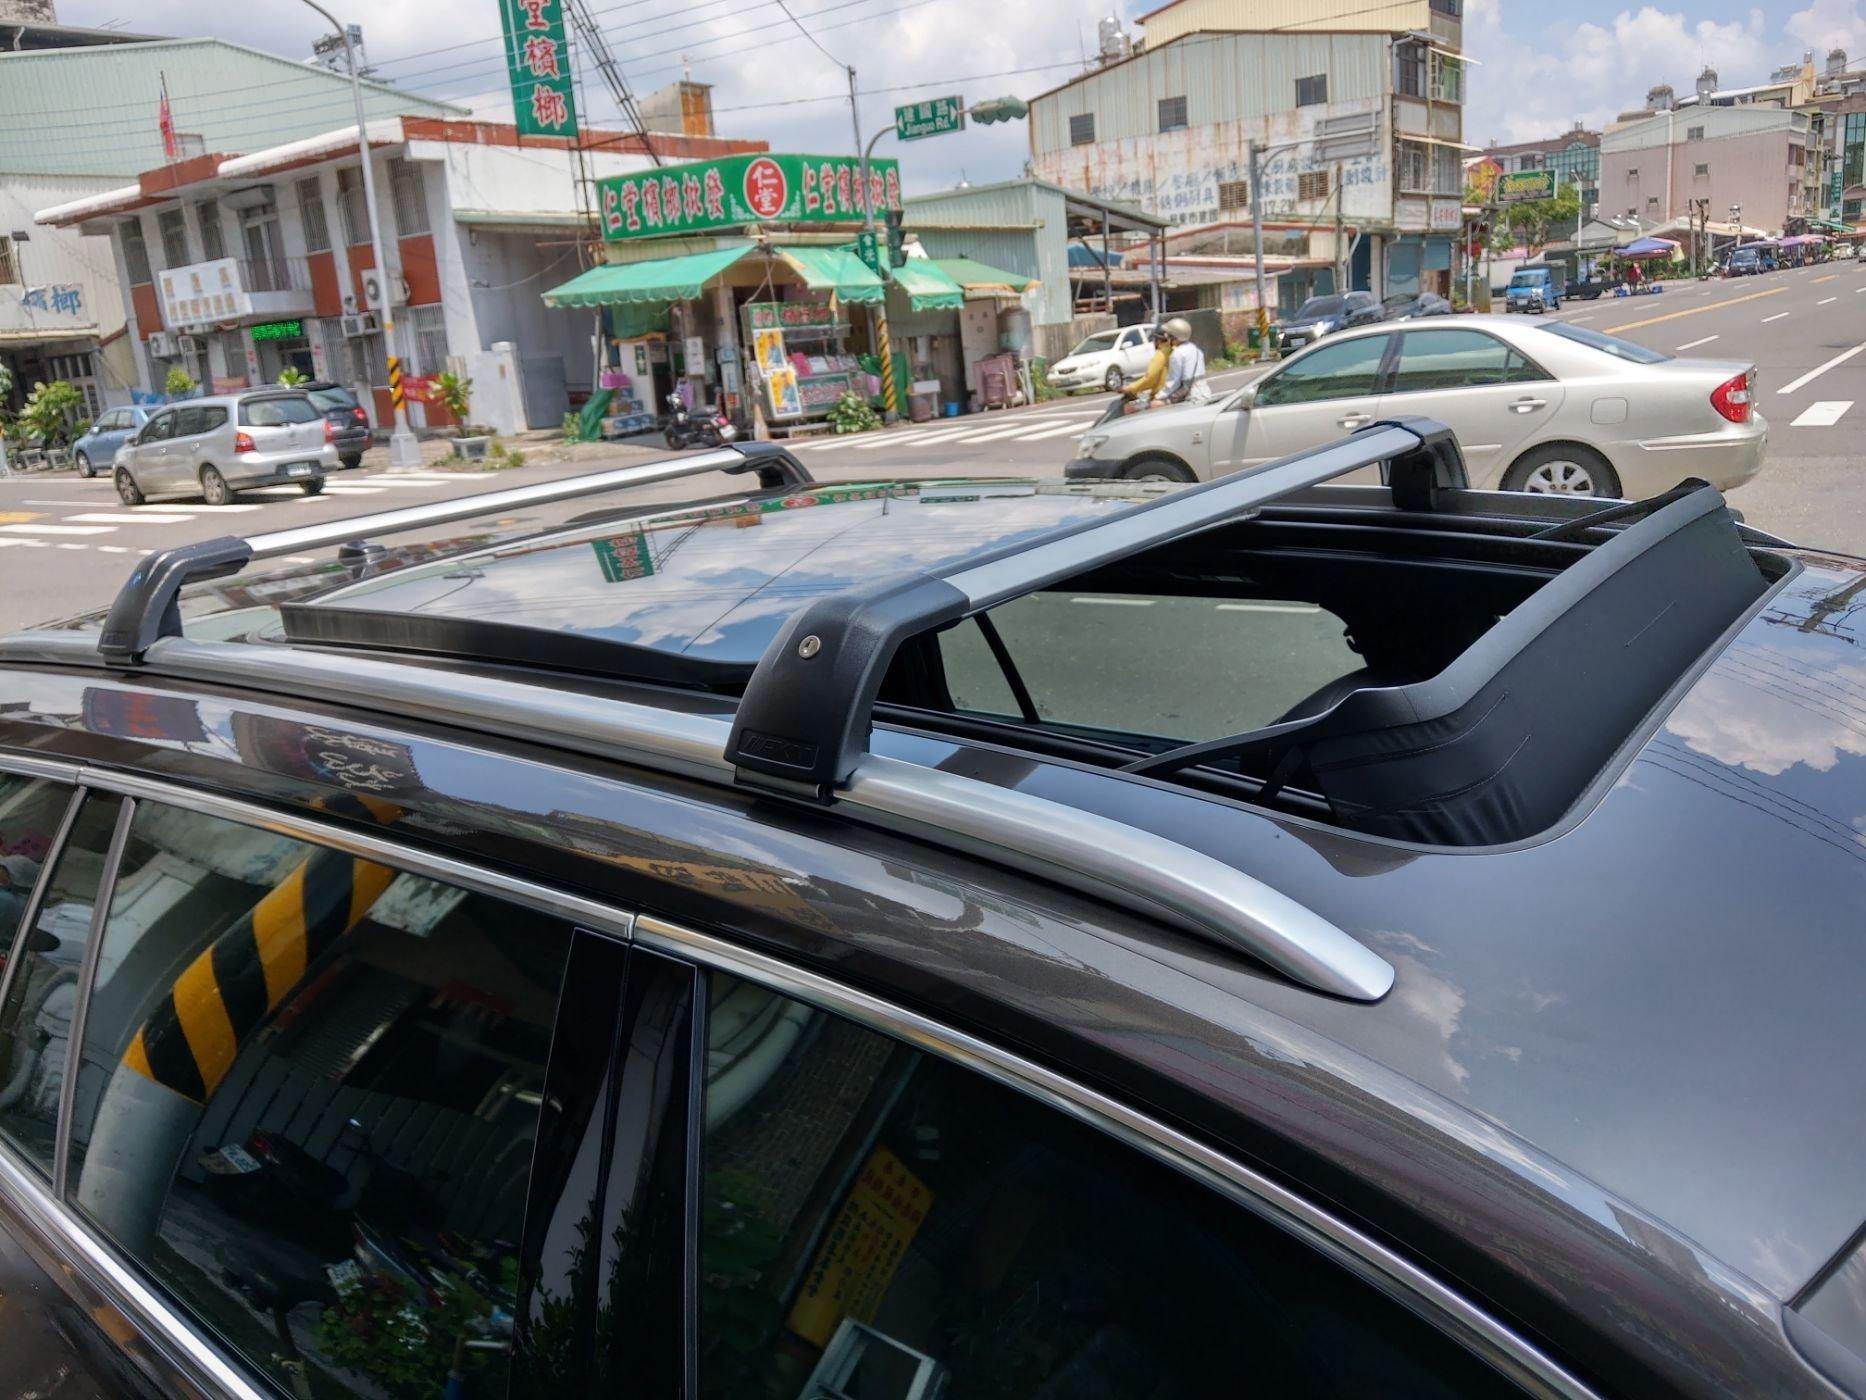 ㊣TIN汽車配件㊣2019 OUTLANDER 橫桿鋁合金通用型 車頂架行李架{適合原車配縱桿.服貼一體式直桿車種安裝}